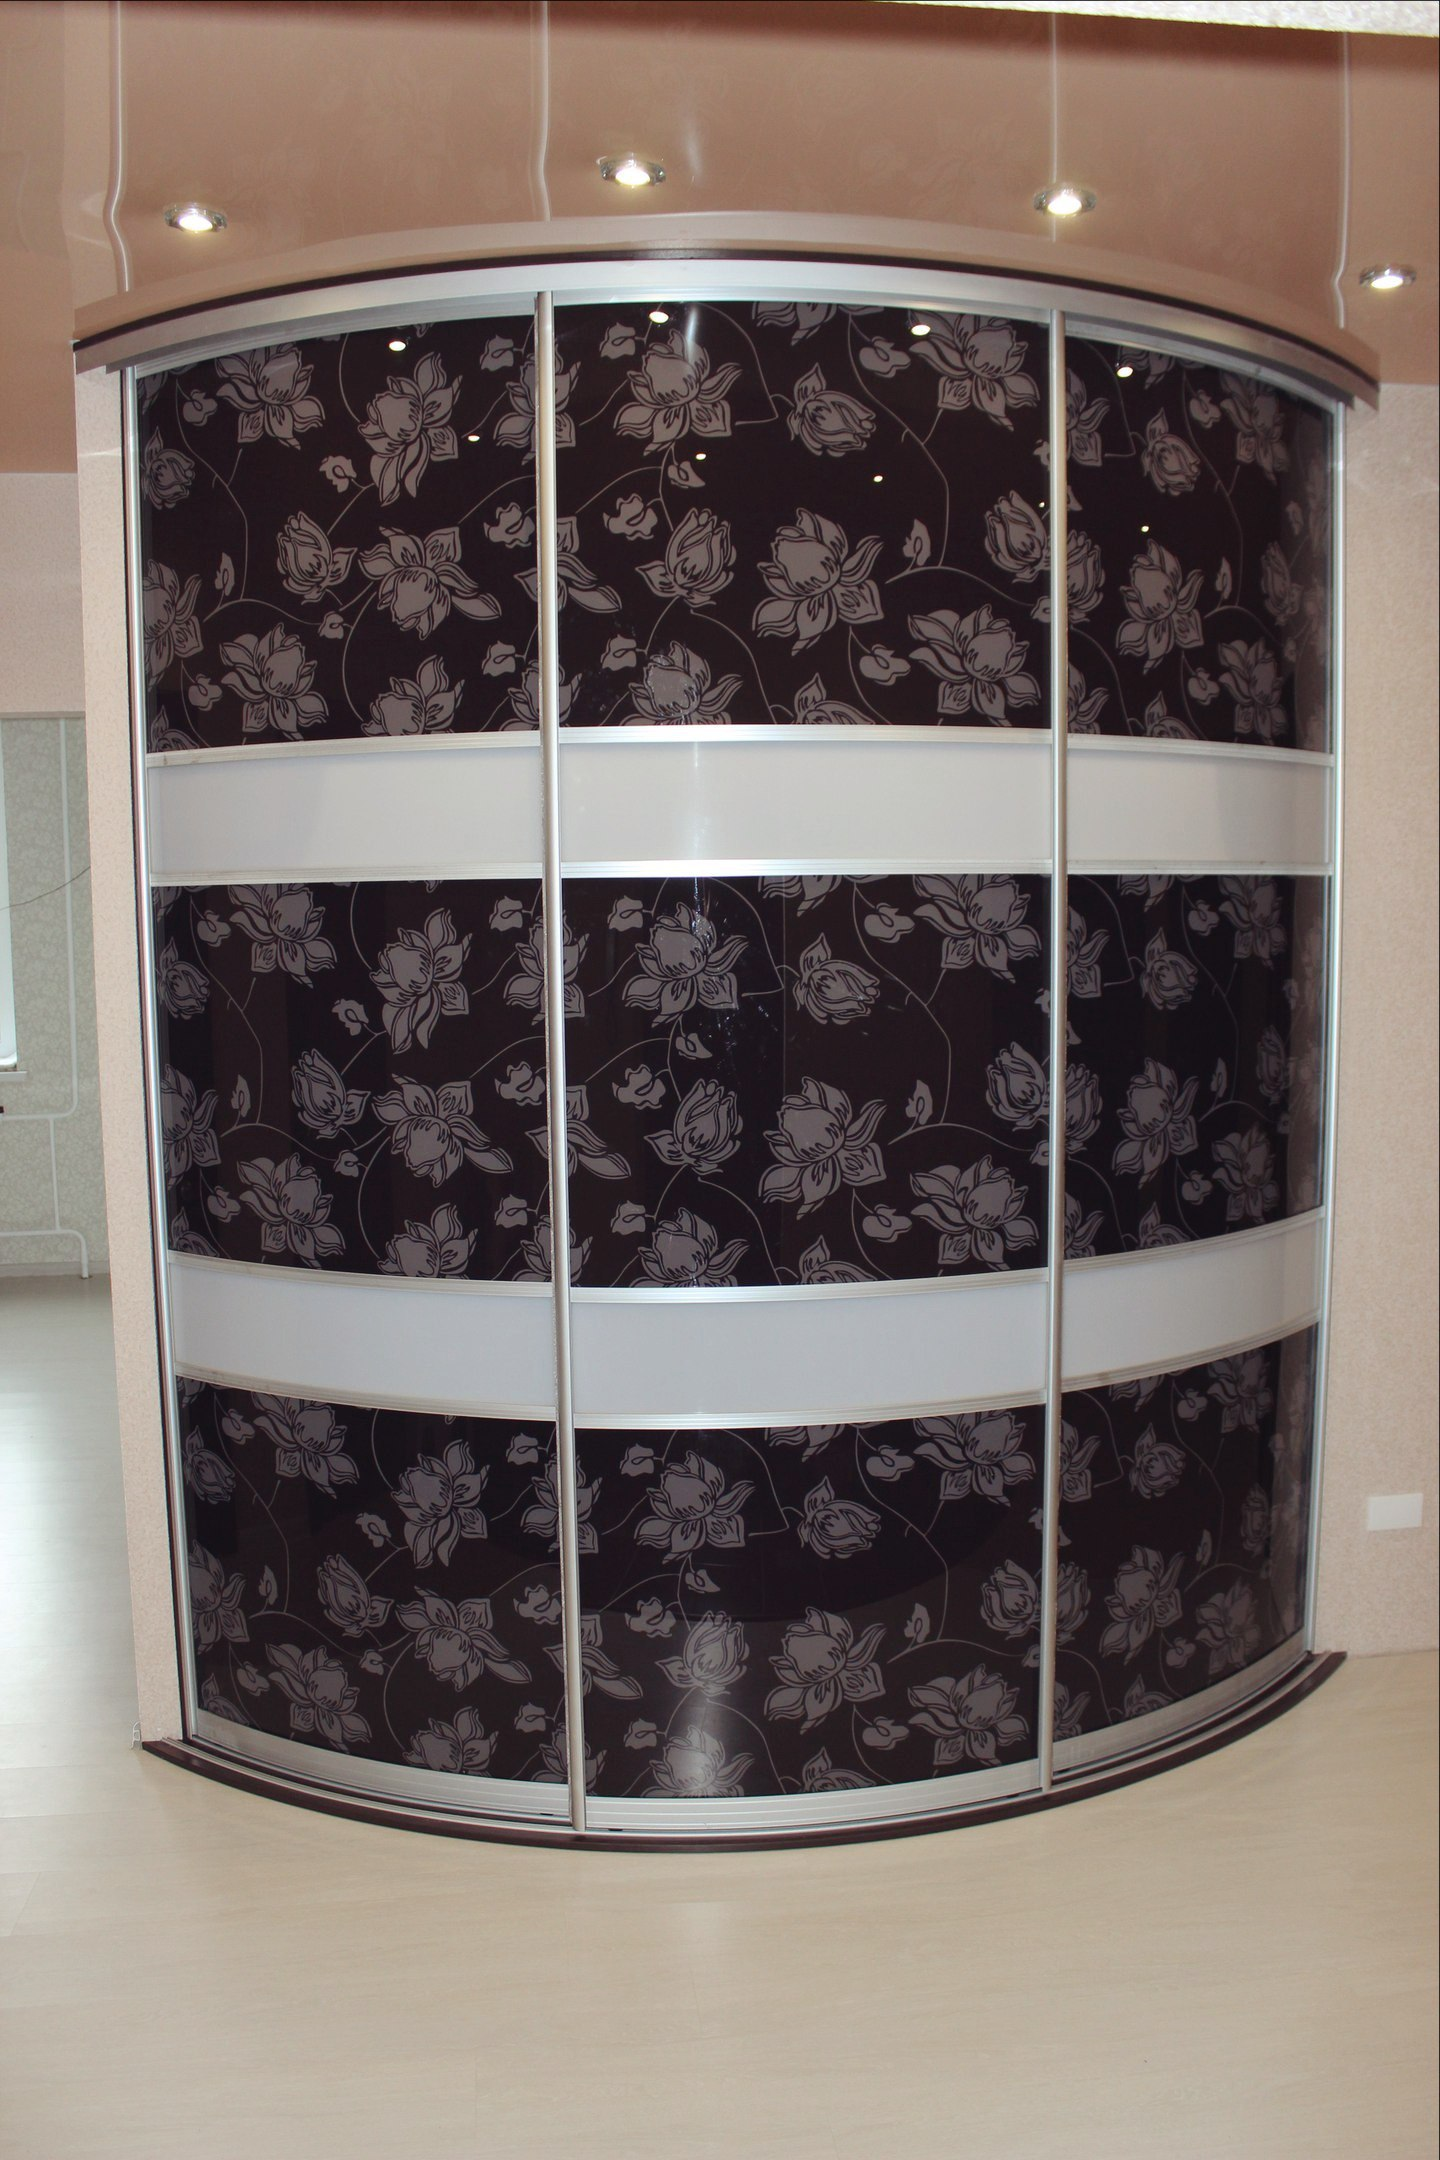 Фотопечать на дверях радиусного шкафа с оригинальным дизайном